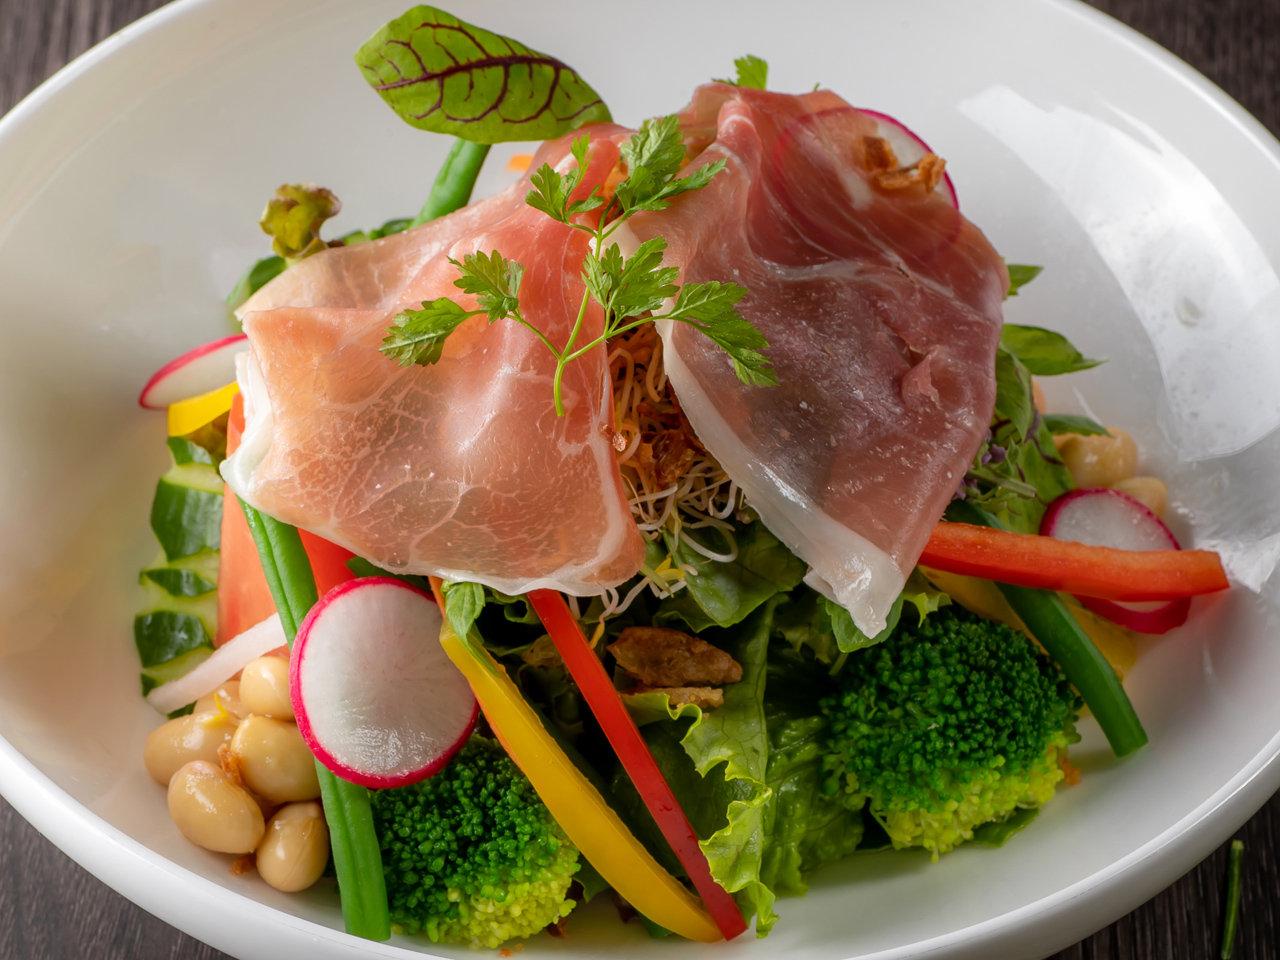 イタリアマンドーヴァ産の生ハムと採れたて野菜のシーザーサラダサムネイル